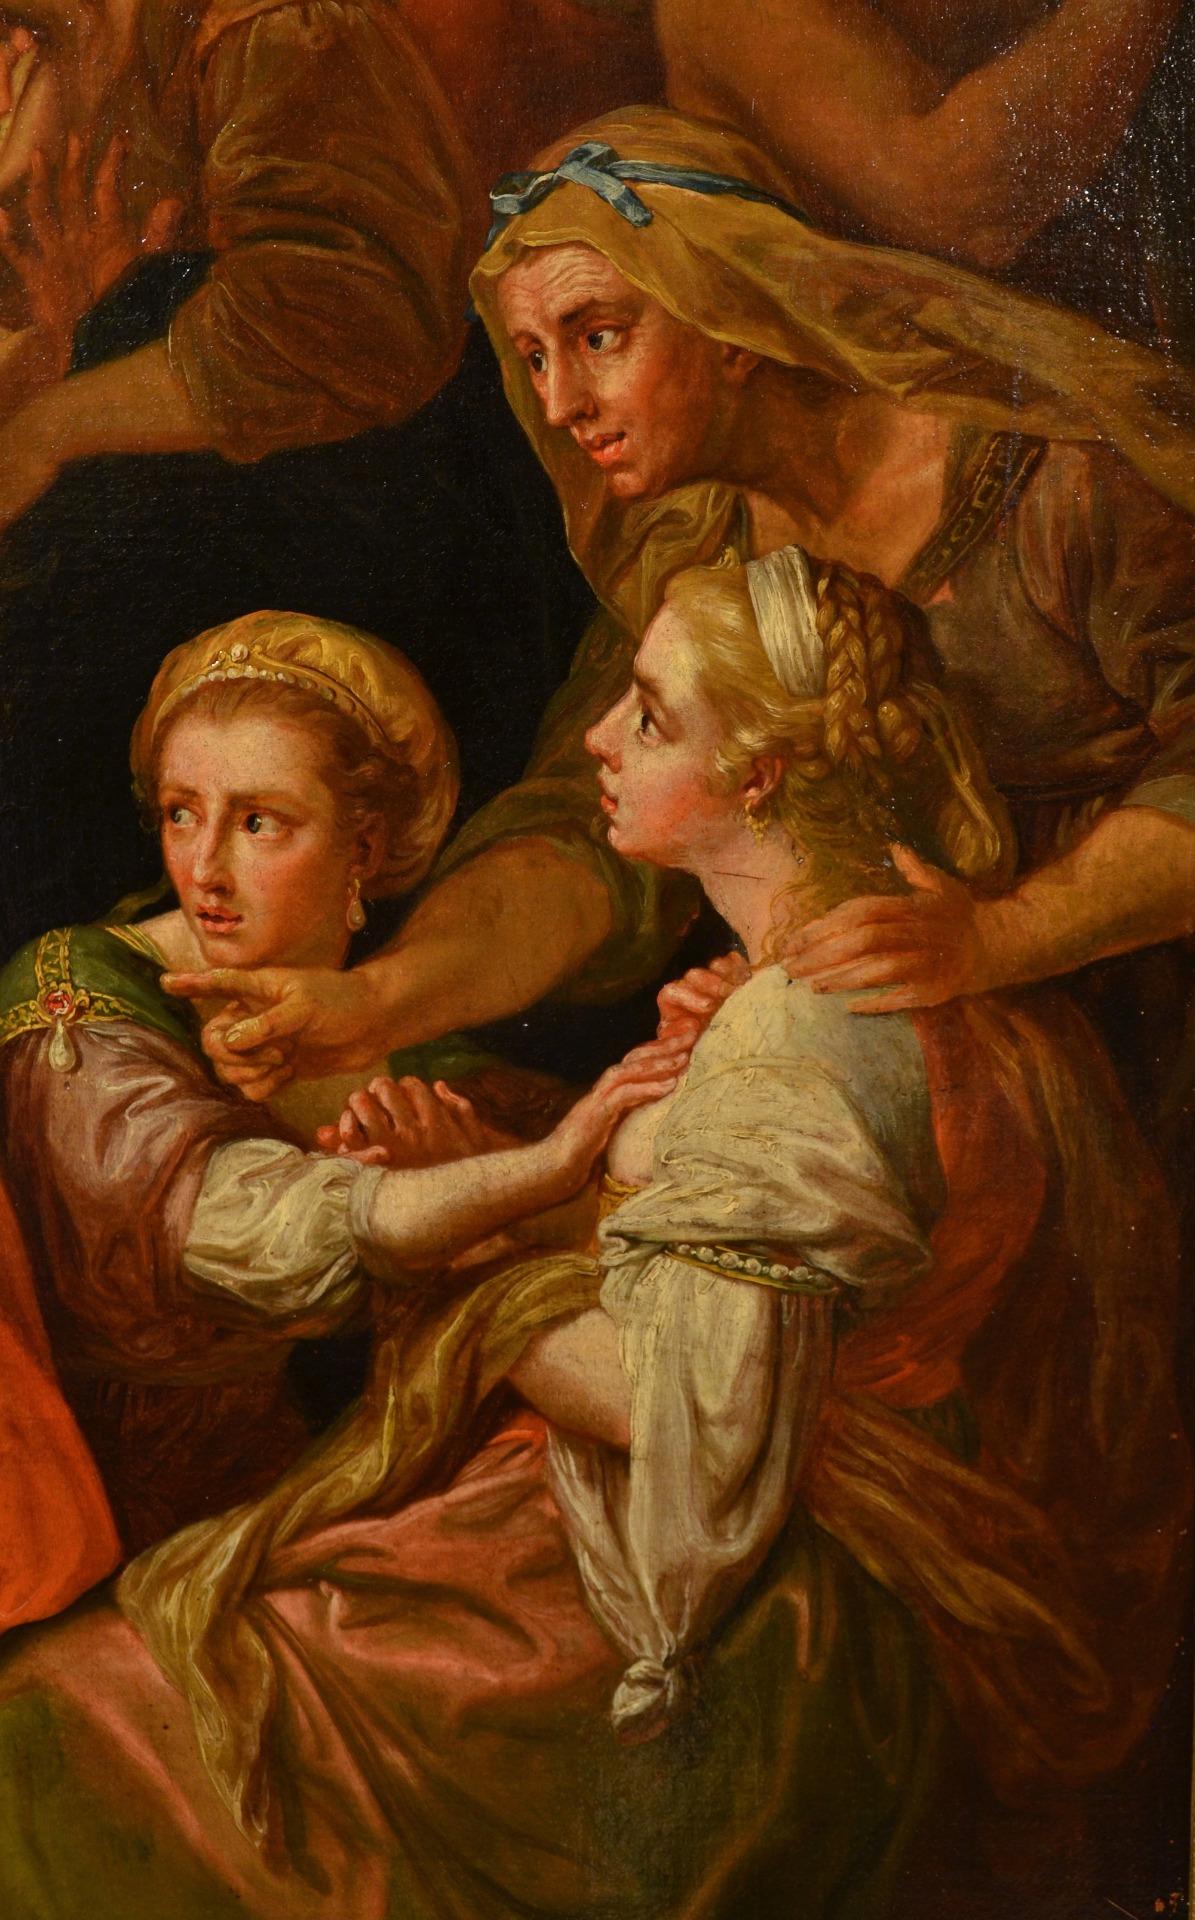 thumb8|Alessandro Magno visita la famiglia di Dario, Pompeo Girolamo Batoni (Lucca 1708 – Roma 1787) e bottega (VENDUTO)